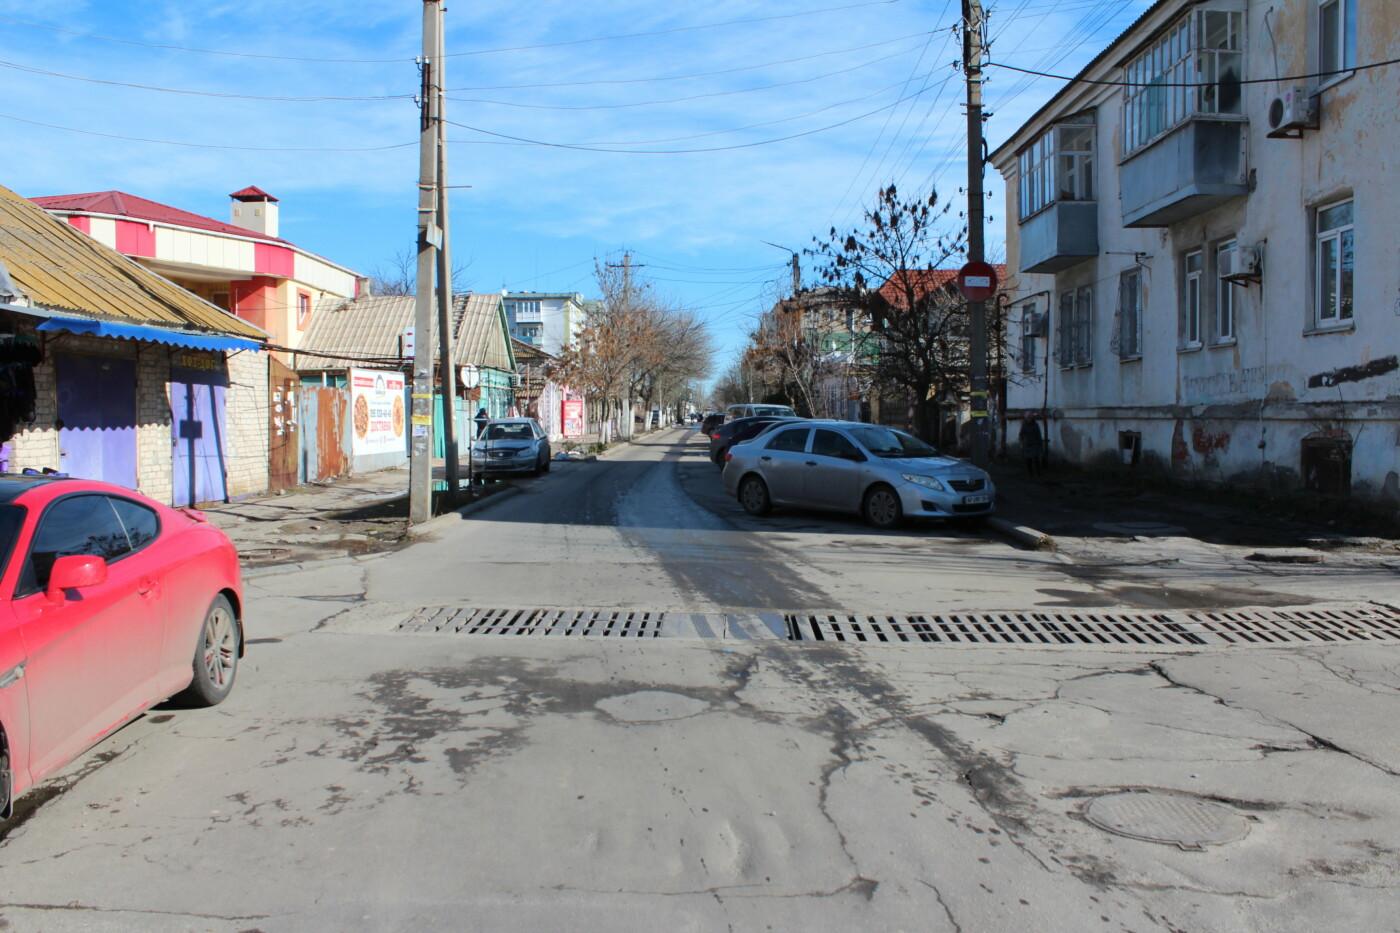 Паркування по-бердянськи — це неповага водіїв один до одного, фото-8